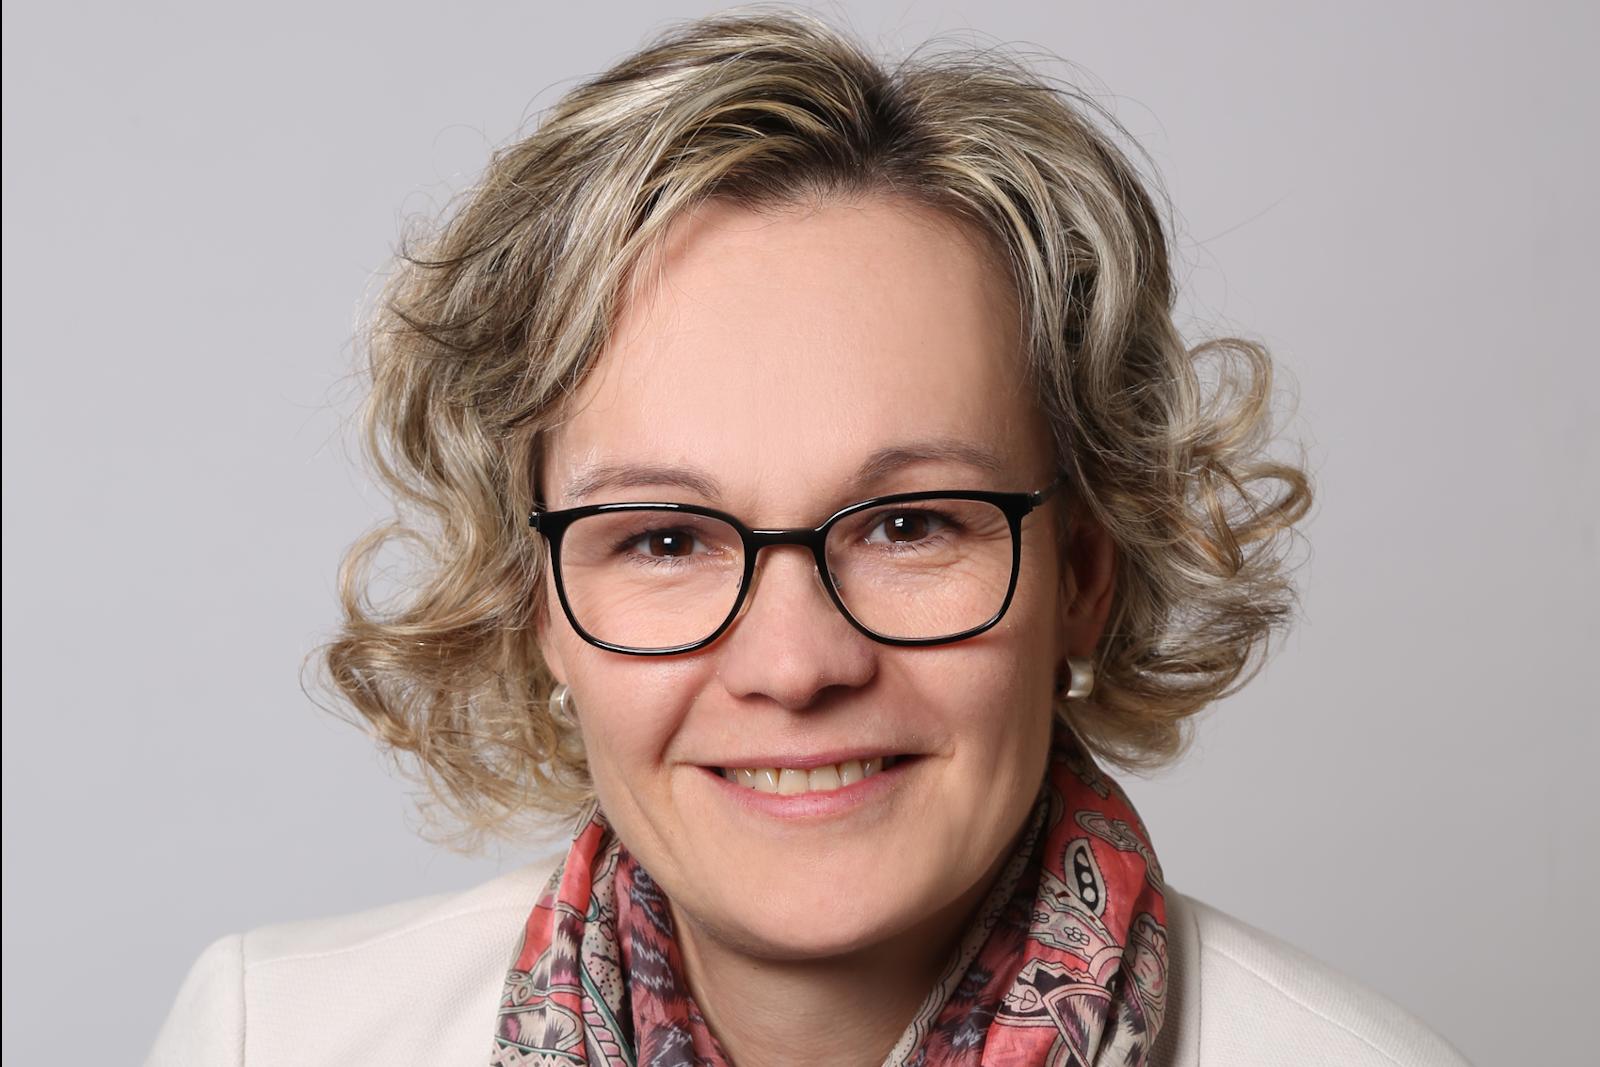 Anja Pfaffe